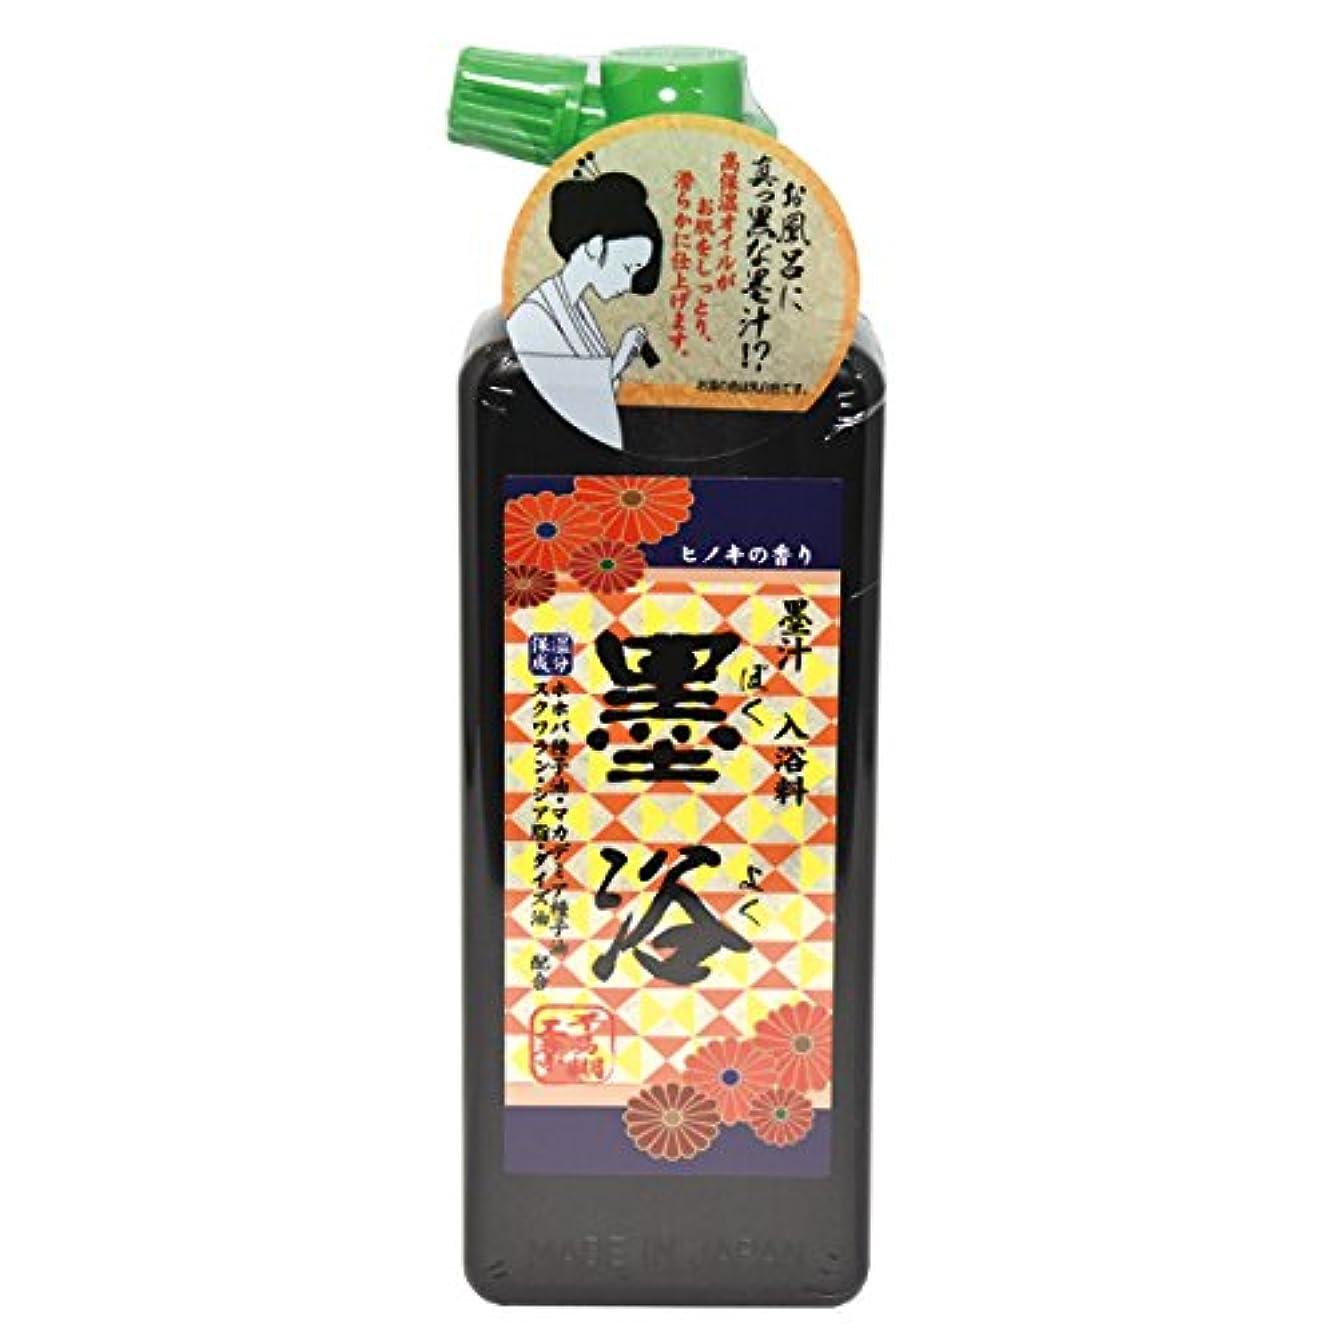 ハード思われるティーム墨浴 ぼくよく 入浴料 ヒノキの香り 不易糊工業 BY20